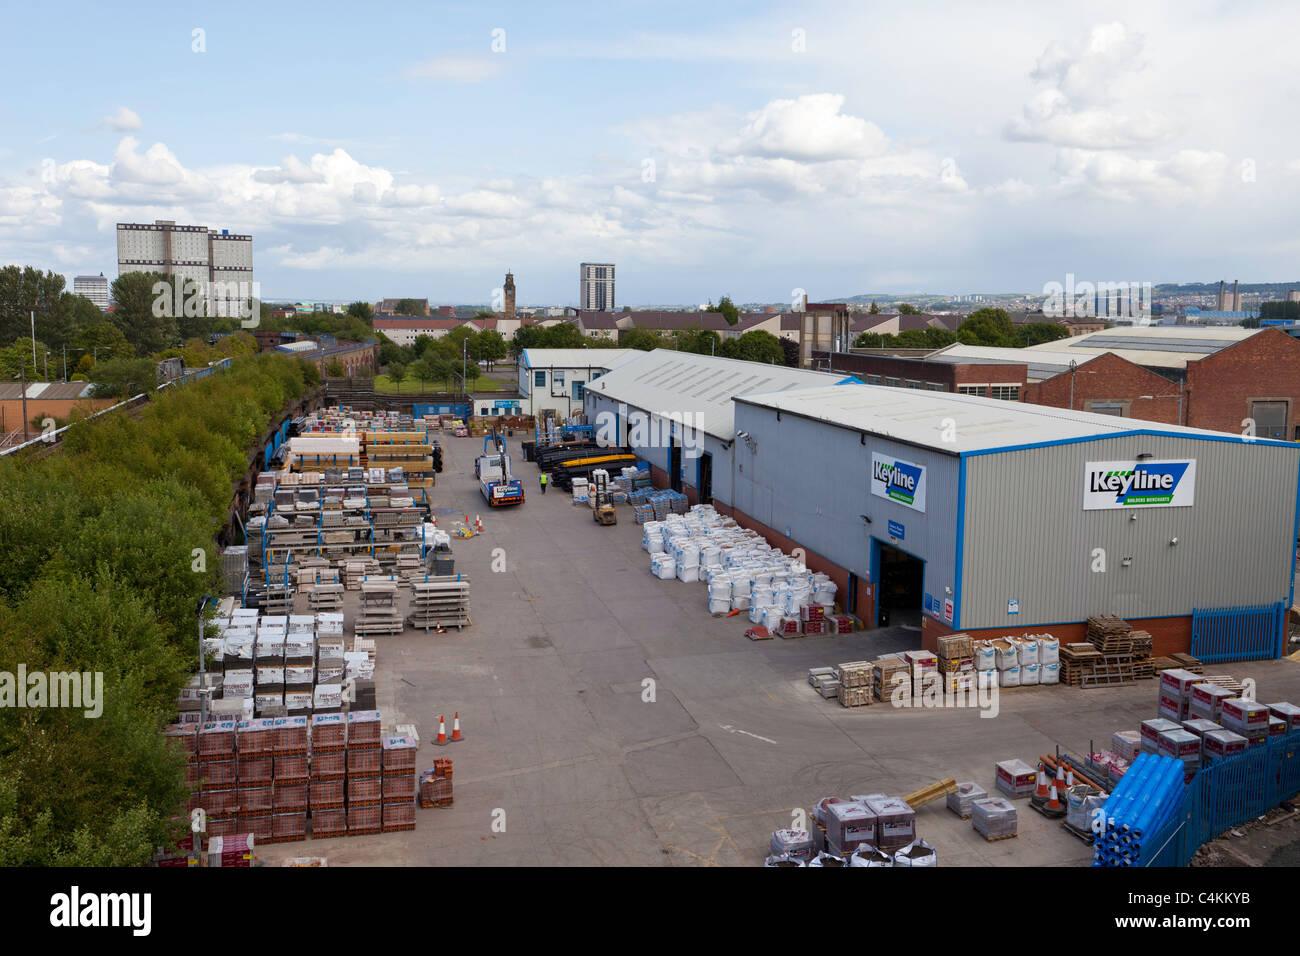 Ansicht eines Bauherren-Yard, die Materialien für Wohnungsbau und allgemeine Bauarbeiten erforderlich Stockbild